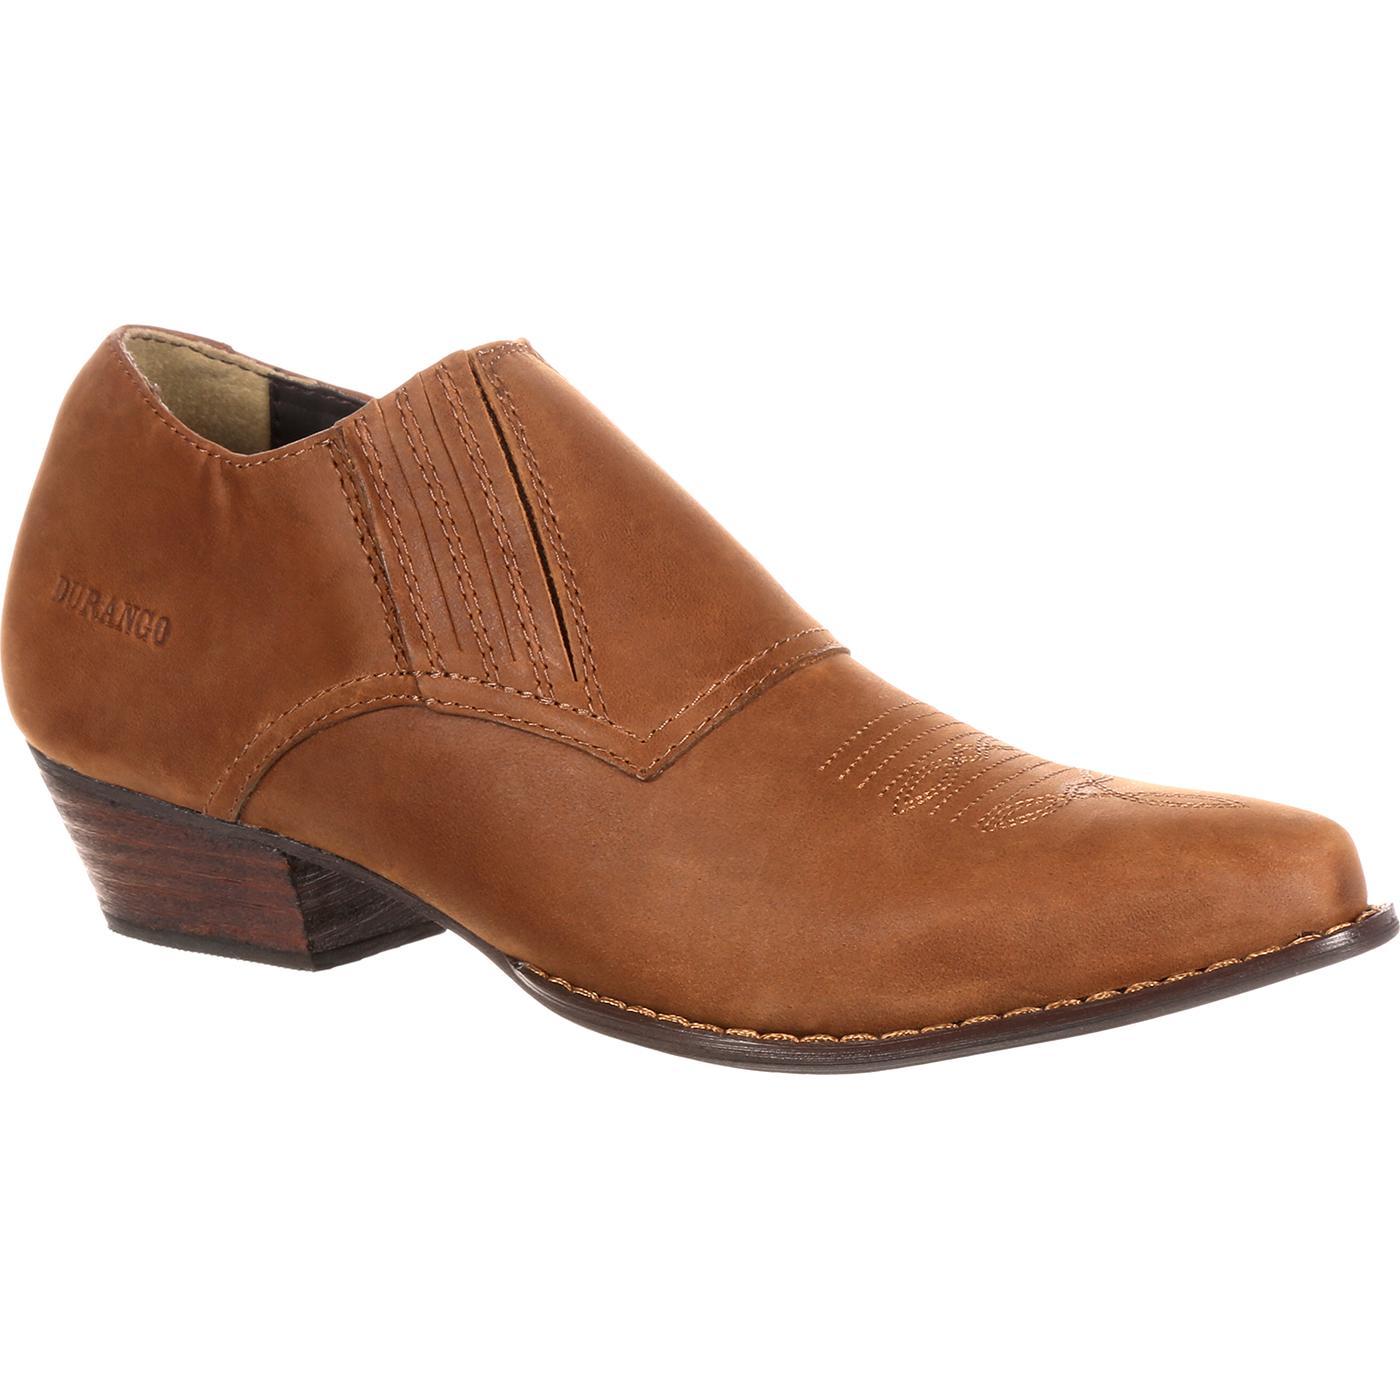 3b64b9a52 Crush by Durango Women's Western Shoe BootCrush by Durango Women's Western  Shoe Boot,